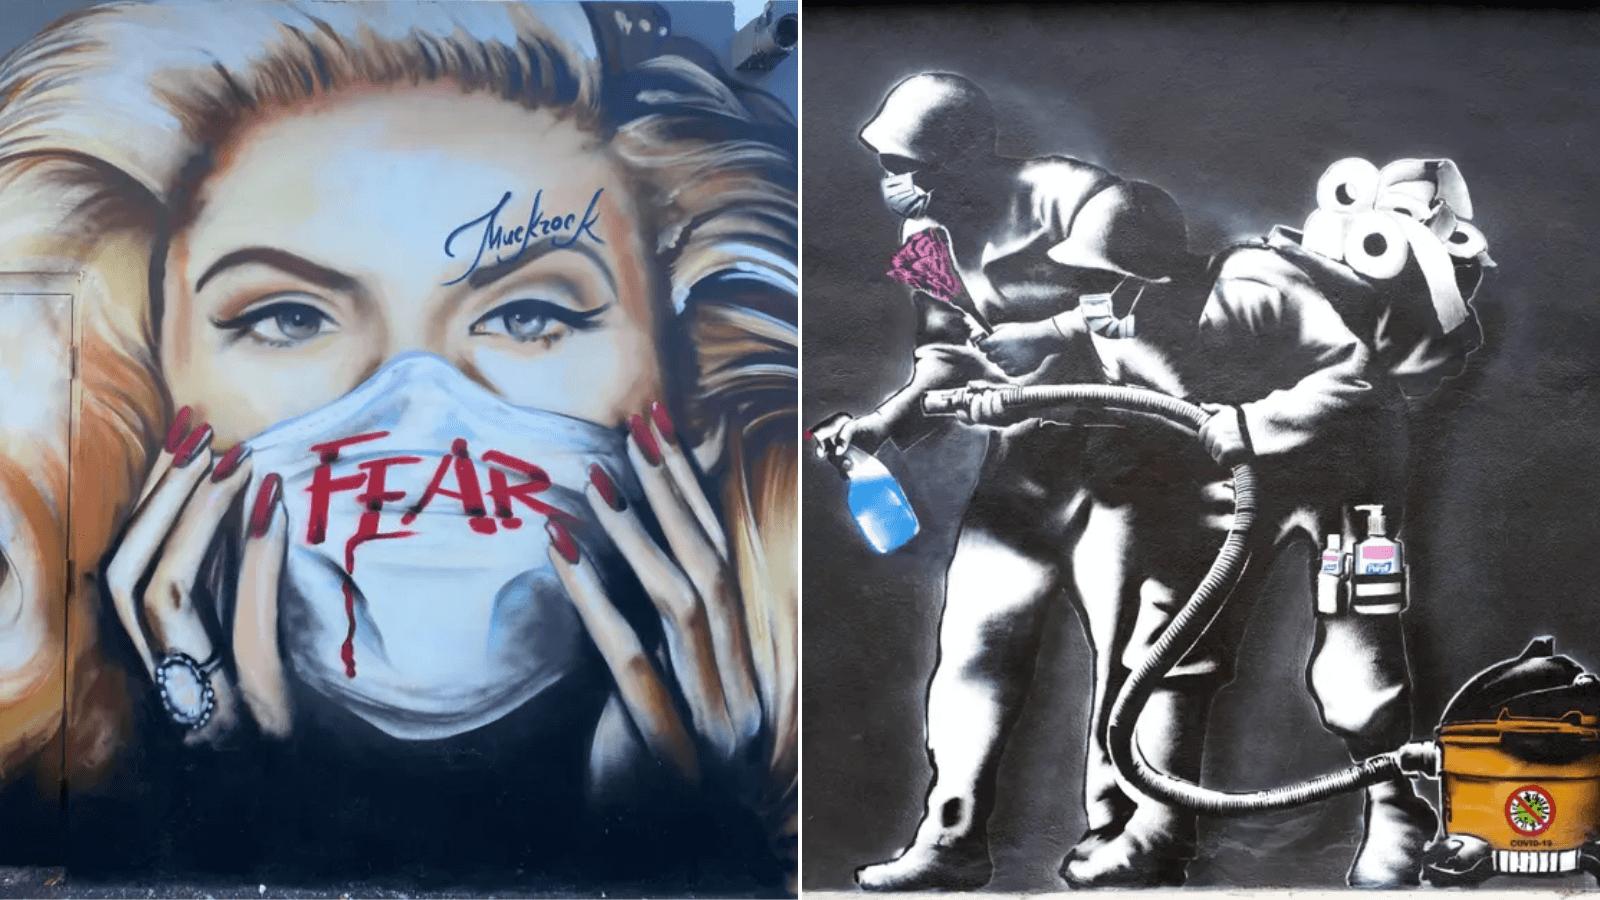 El arte callejero en tiempos de COVID-19 los artistas resisten con graffitis e ilustraciones alusivas (e irónicas) a la pandemia 2